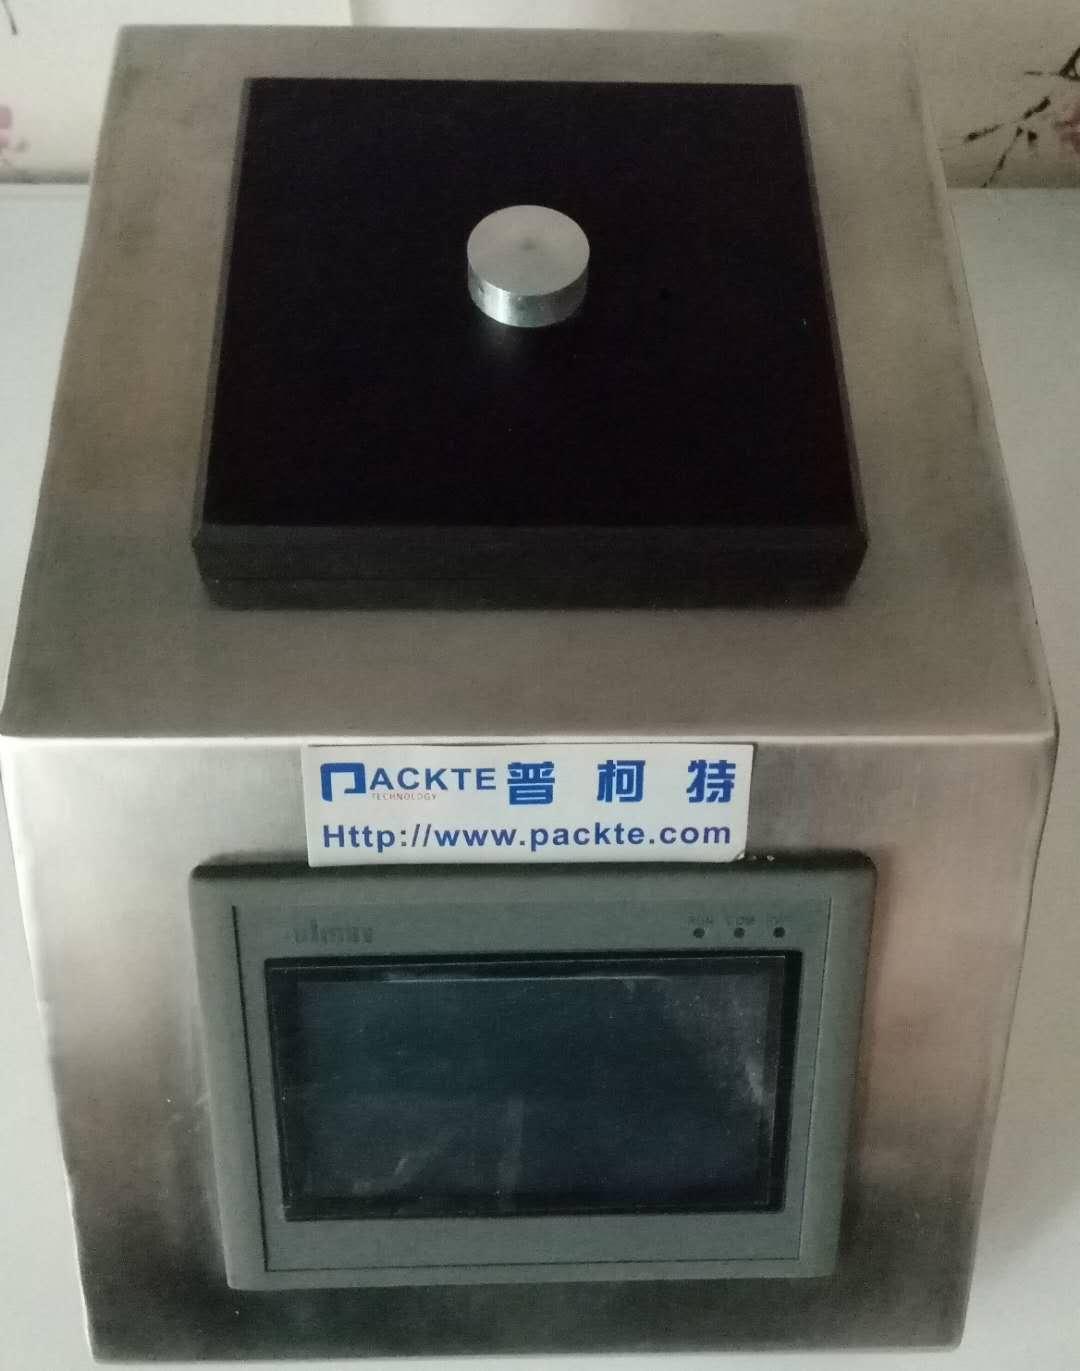 湖南普柯特直供Packte-CH-1A+玻璃瓶测厚仪(磁性测厚仪)